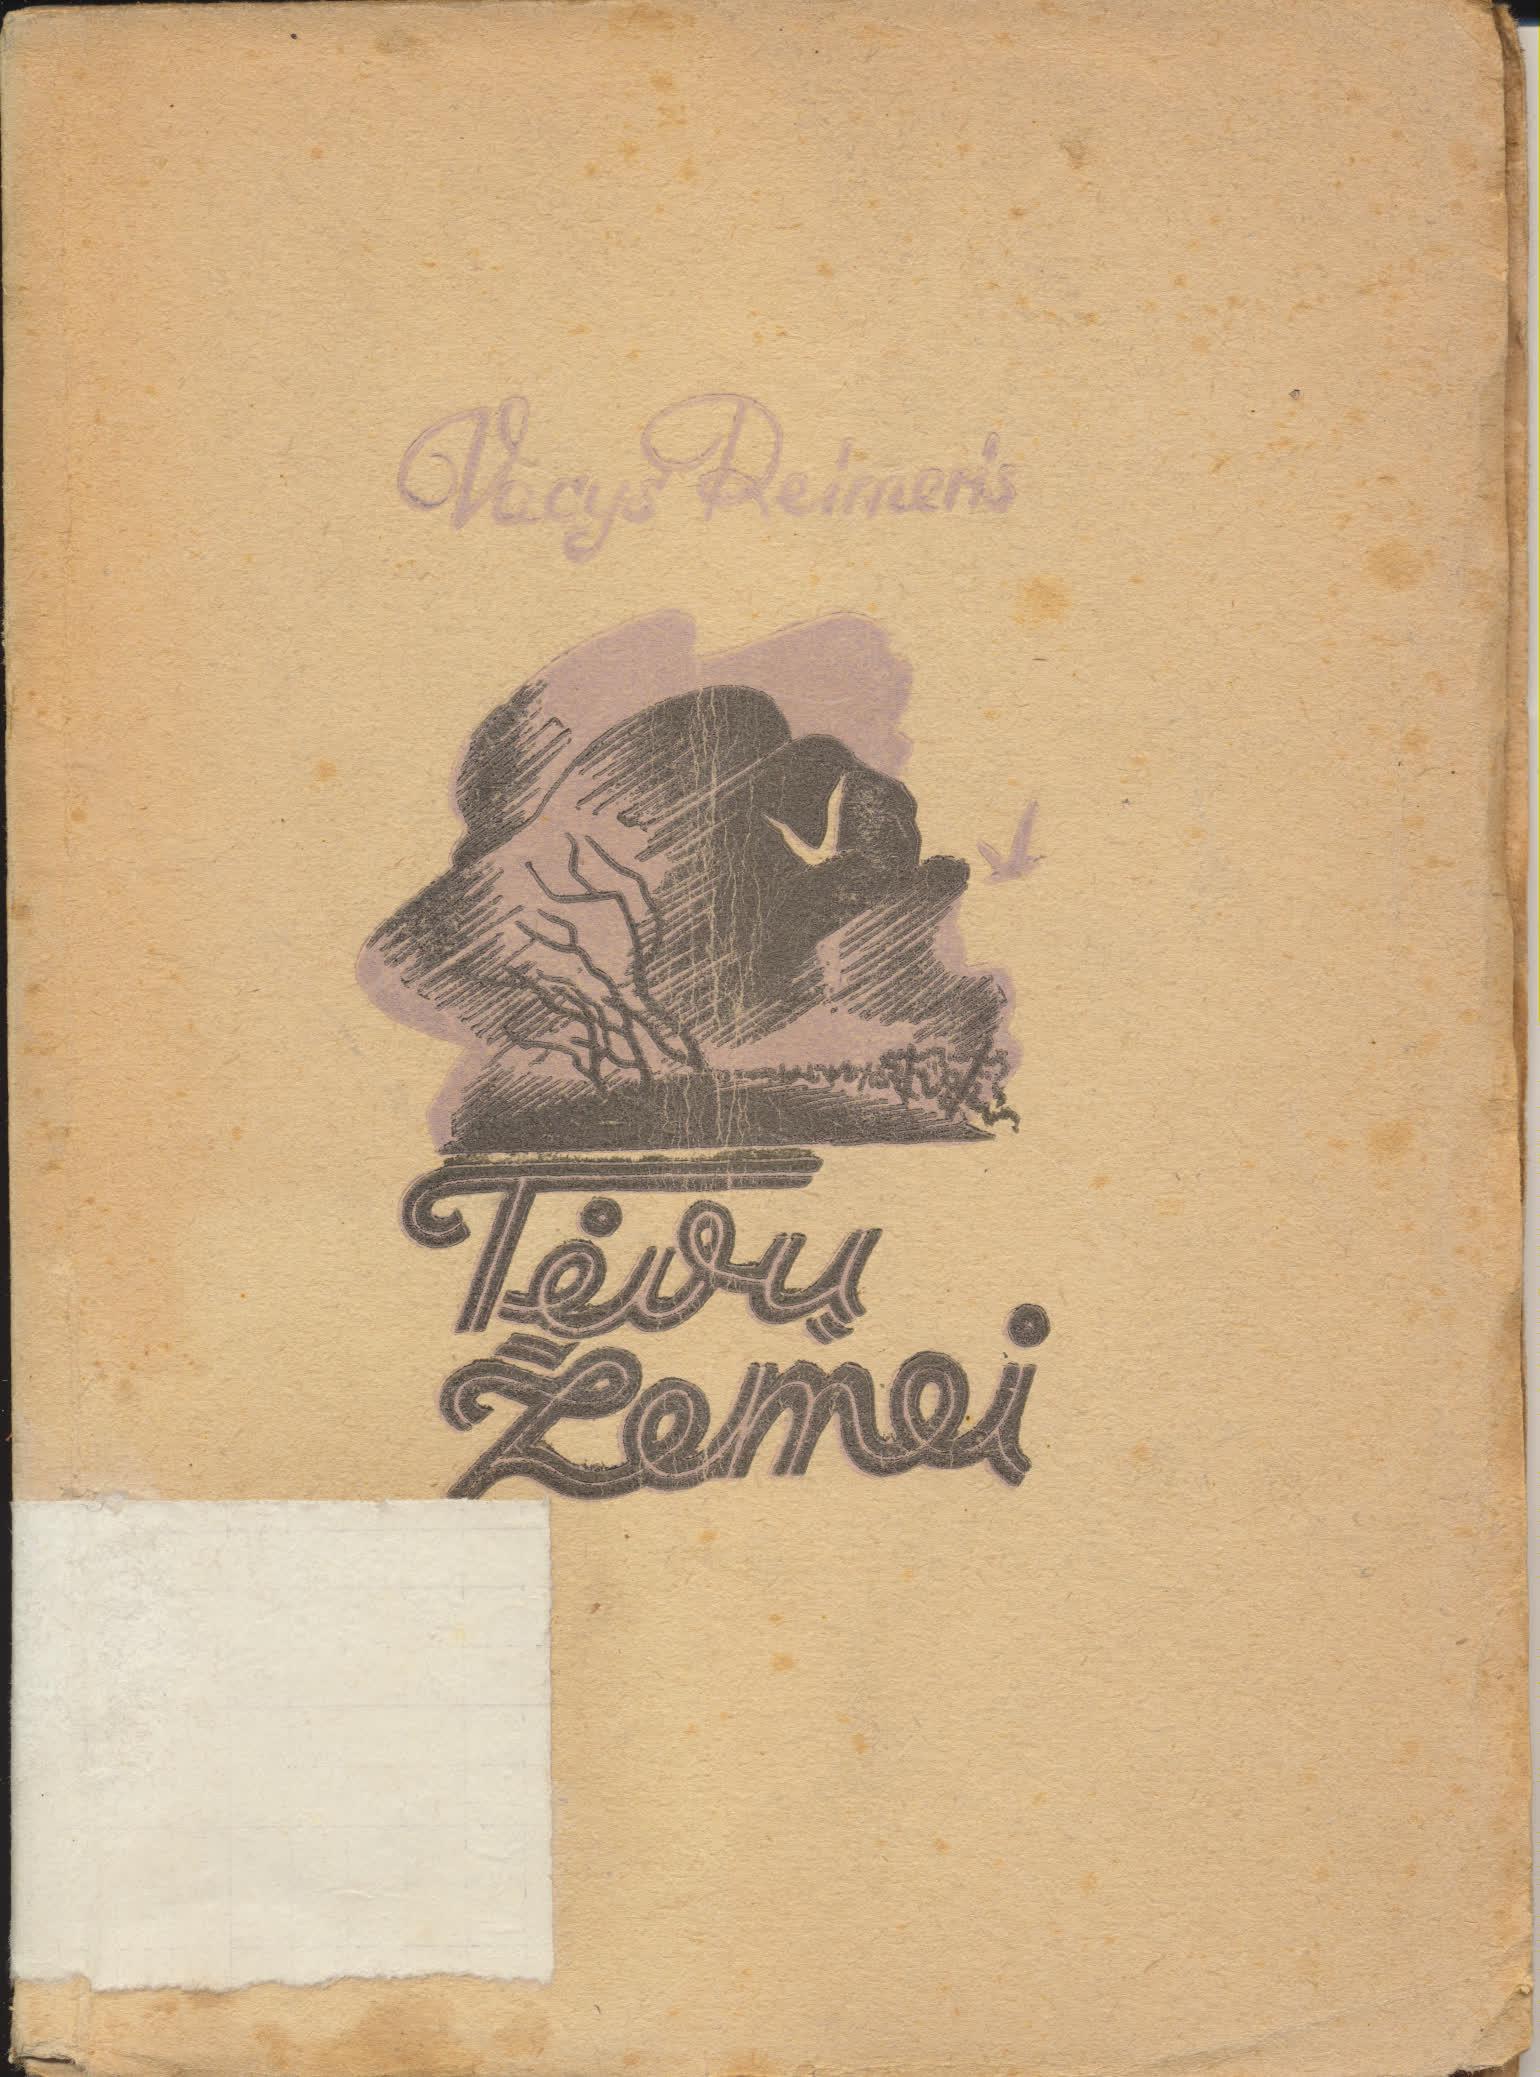 """Pirmoji knyga """"Tėvų žemei"""" buvo išleista iškart po karo. 1945 m."""